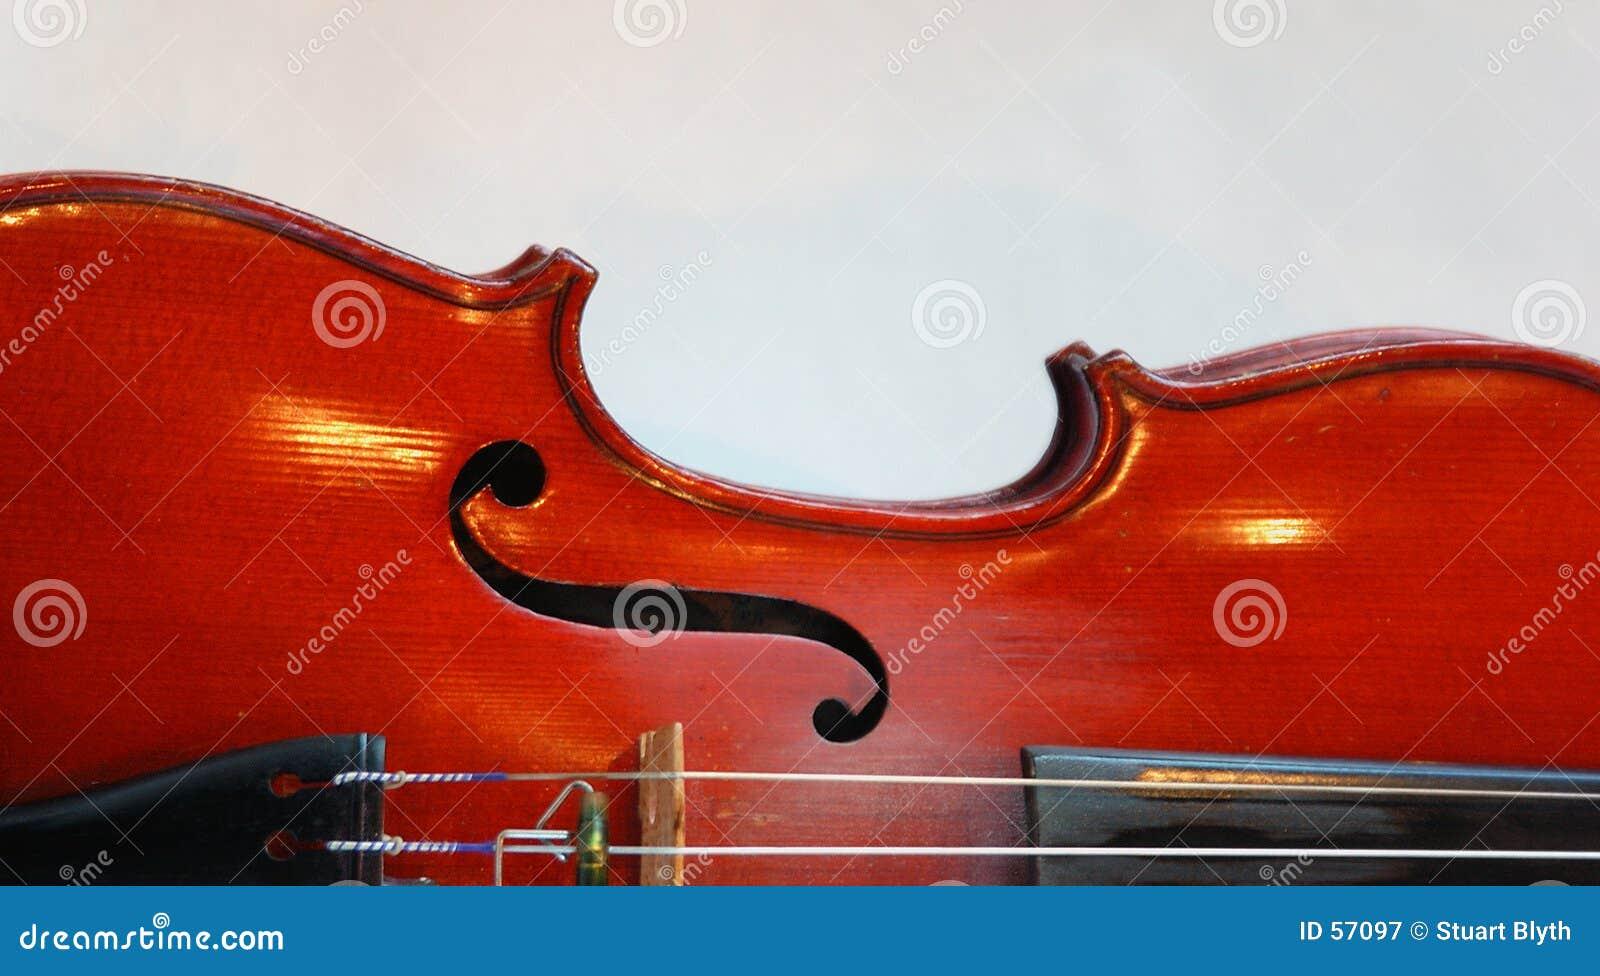 Corpo do violino